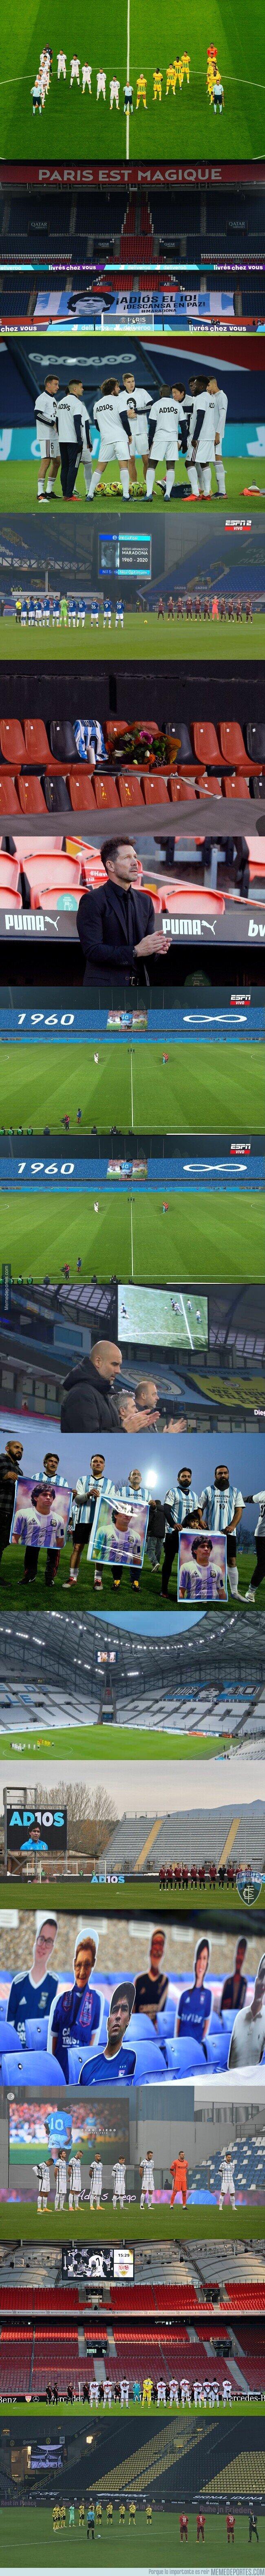 1121362 - Todo el planeta fútbol rendido a Maradona